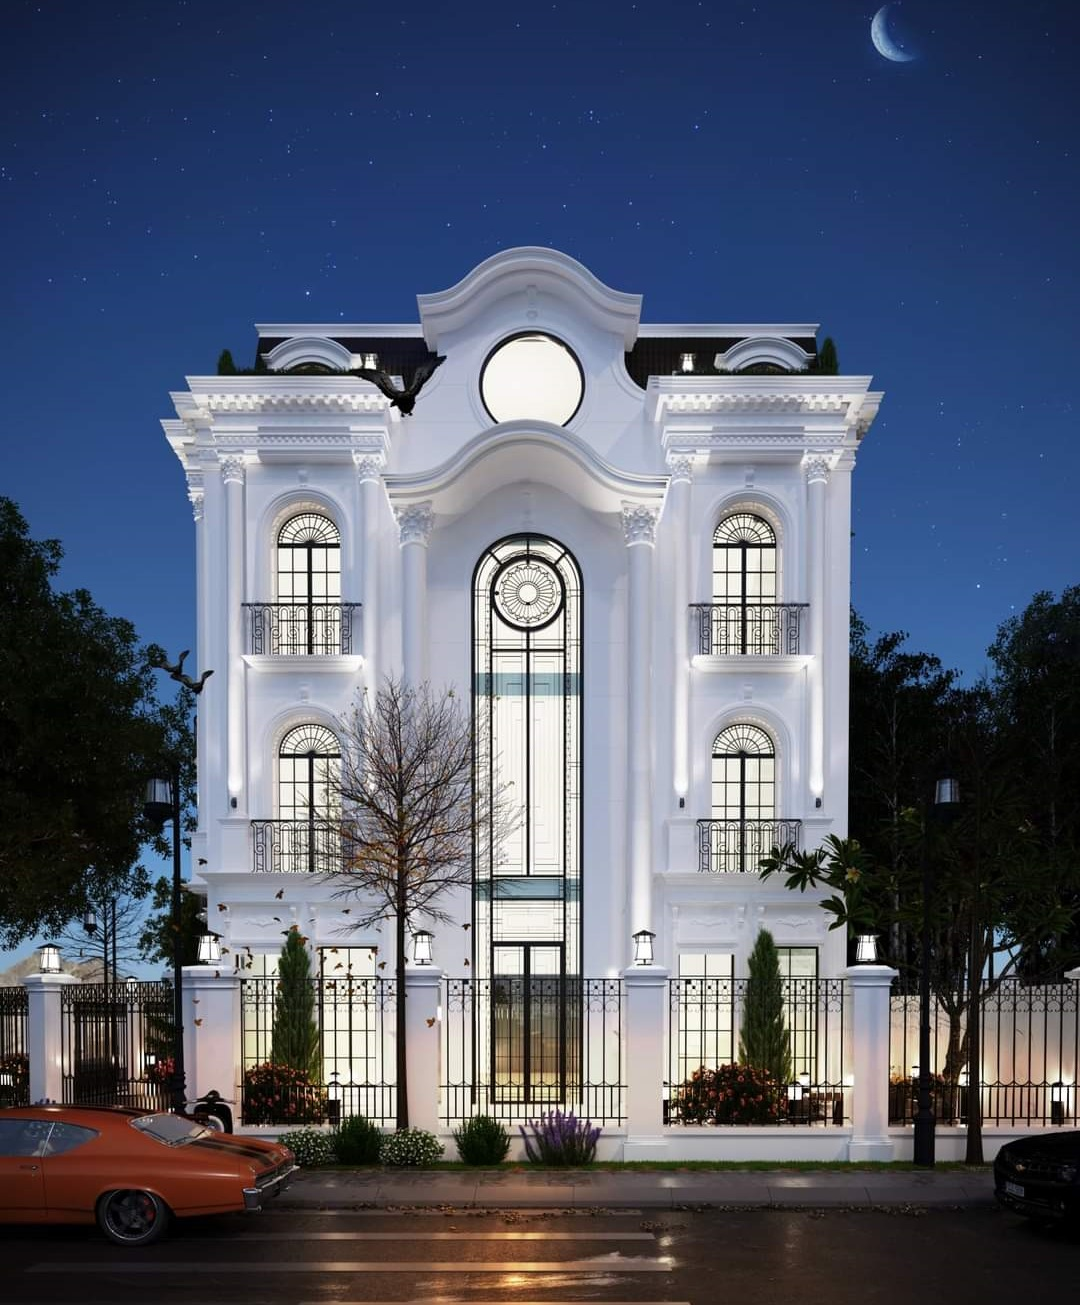 Thiết kế mặt tiền nhà biệt thự 3 tầng 1 tum phong cách tân cổ điển